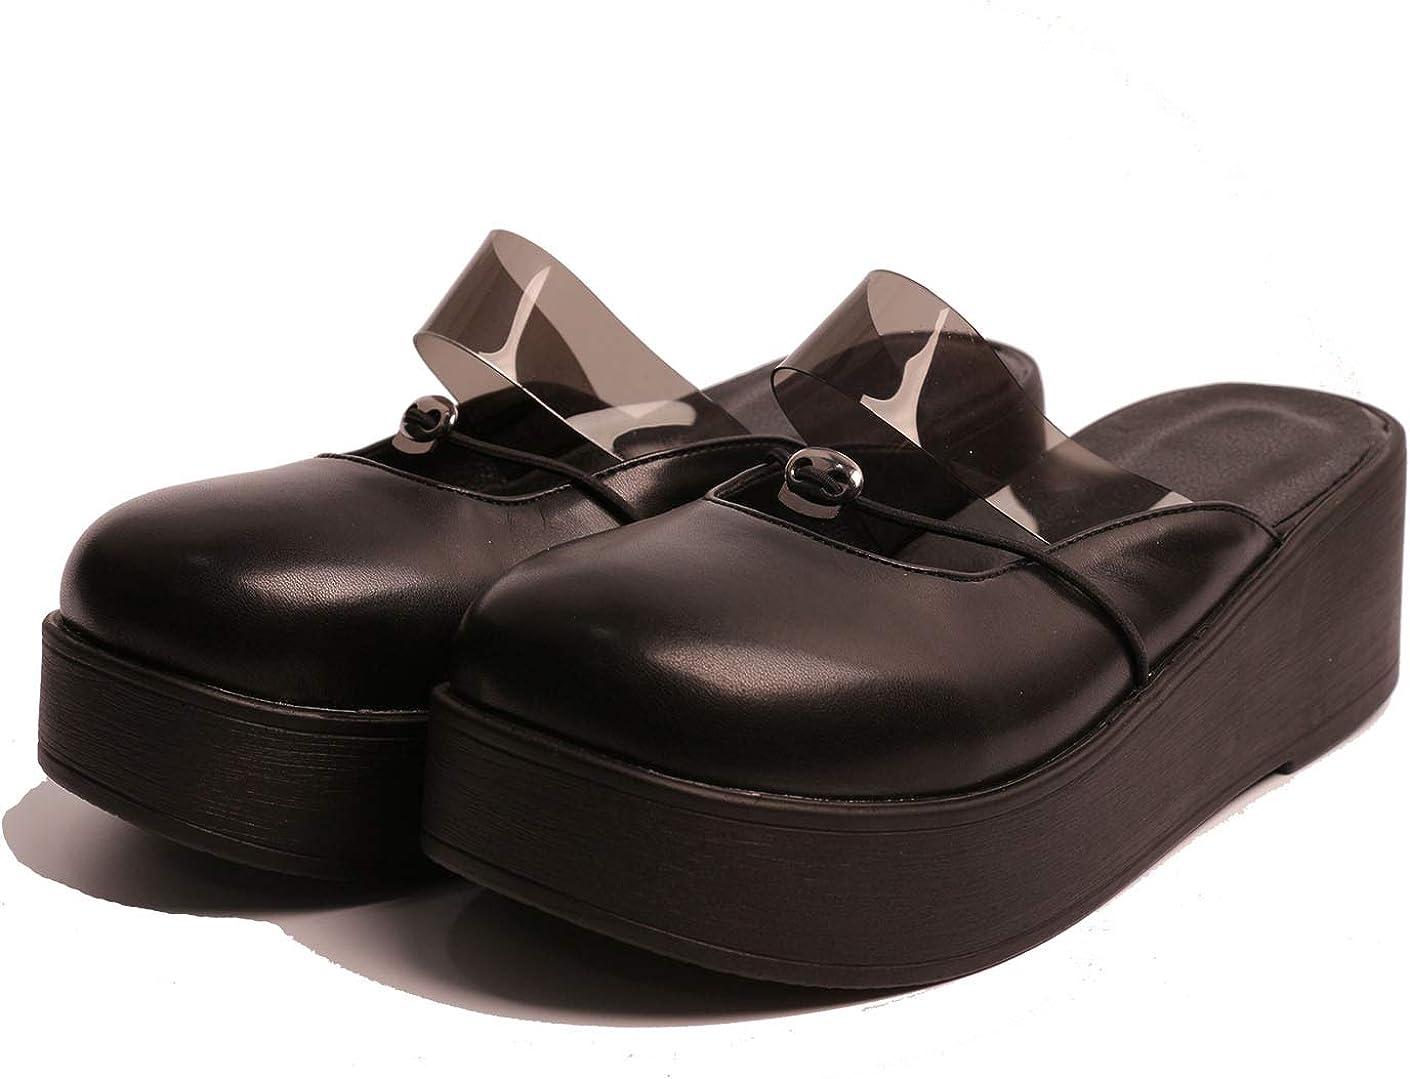 heelchic Women Slip On Lolita Platform Sandals Summmer Casual Walking Soft Slide Sandals